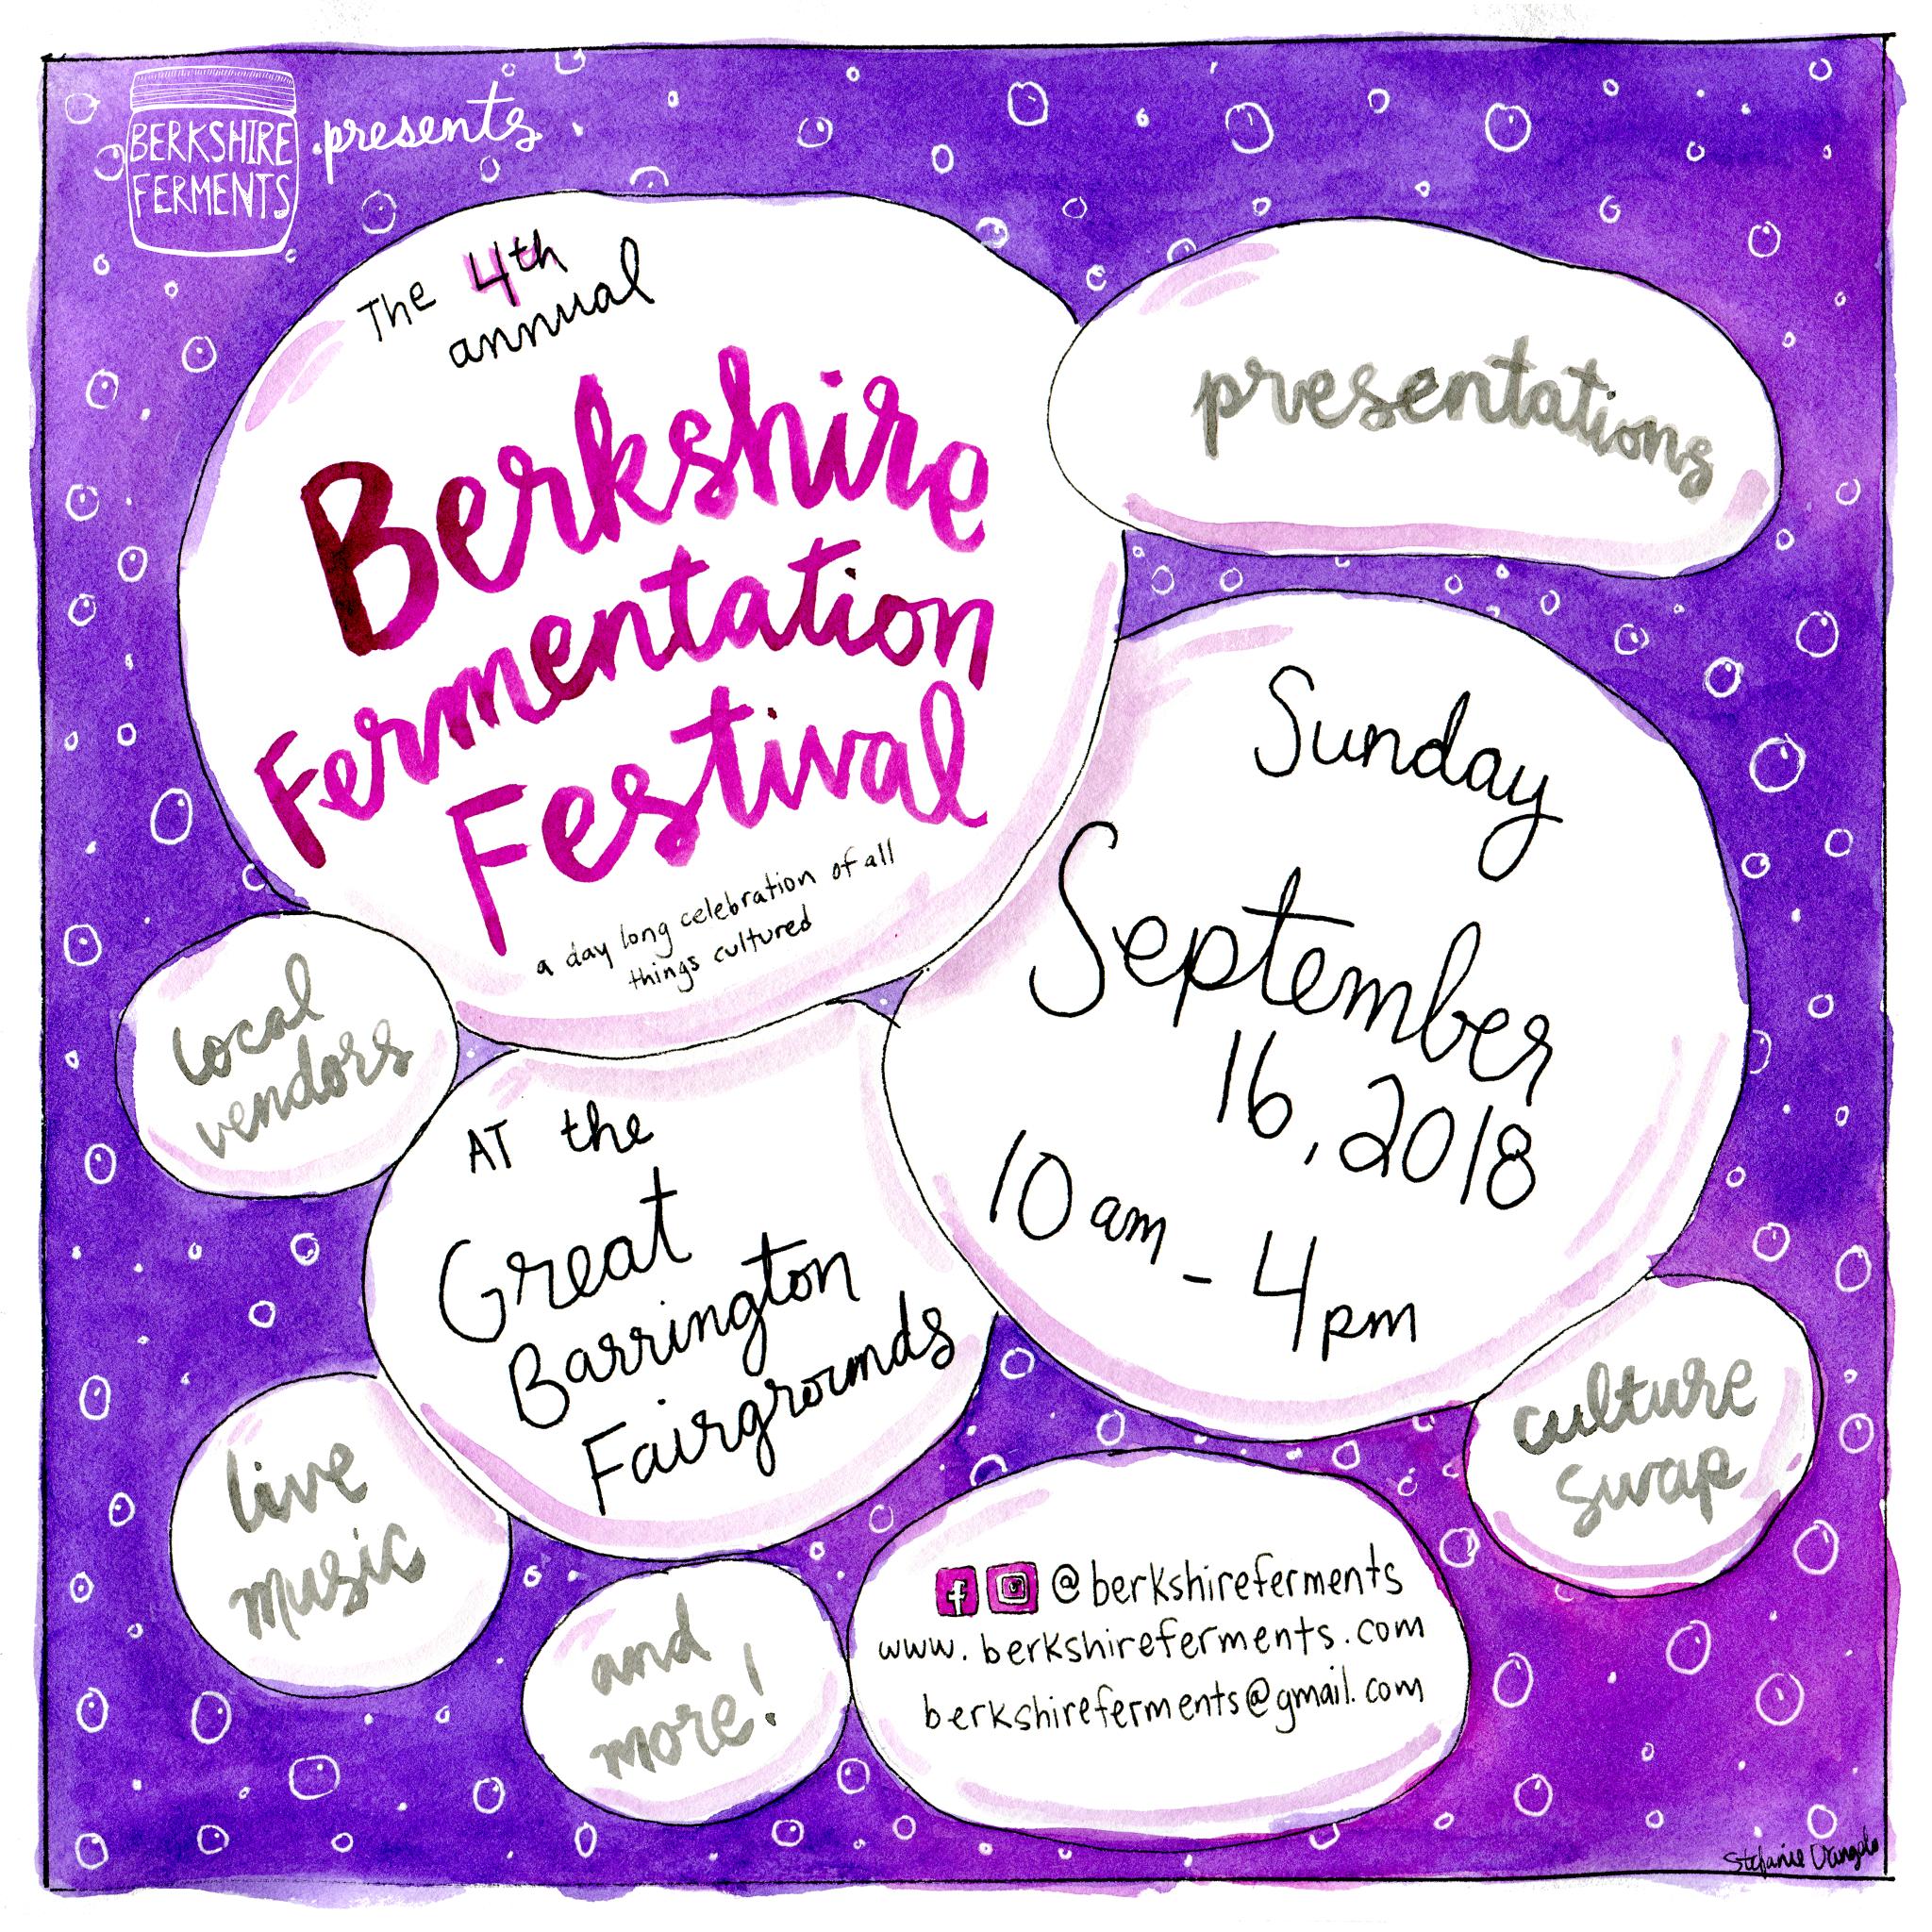 Berkshire Fermentation Festival